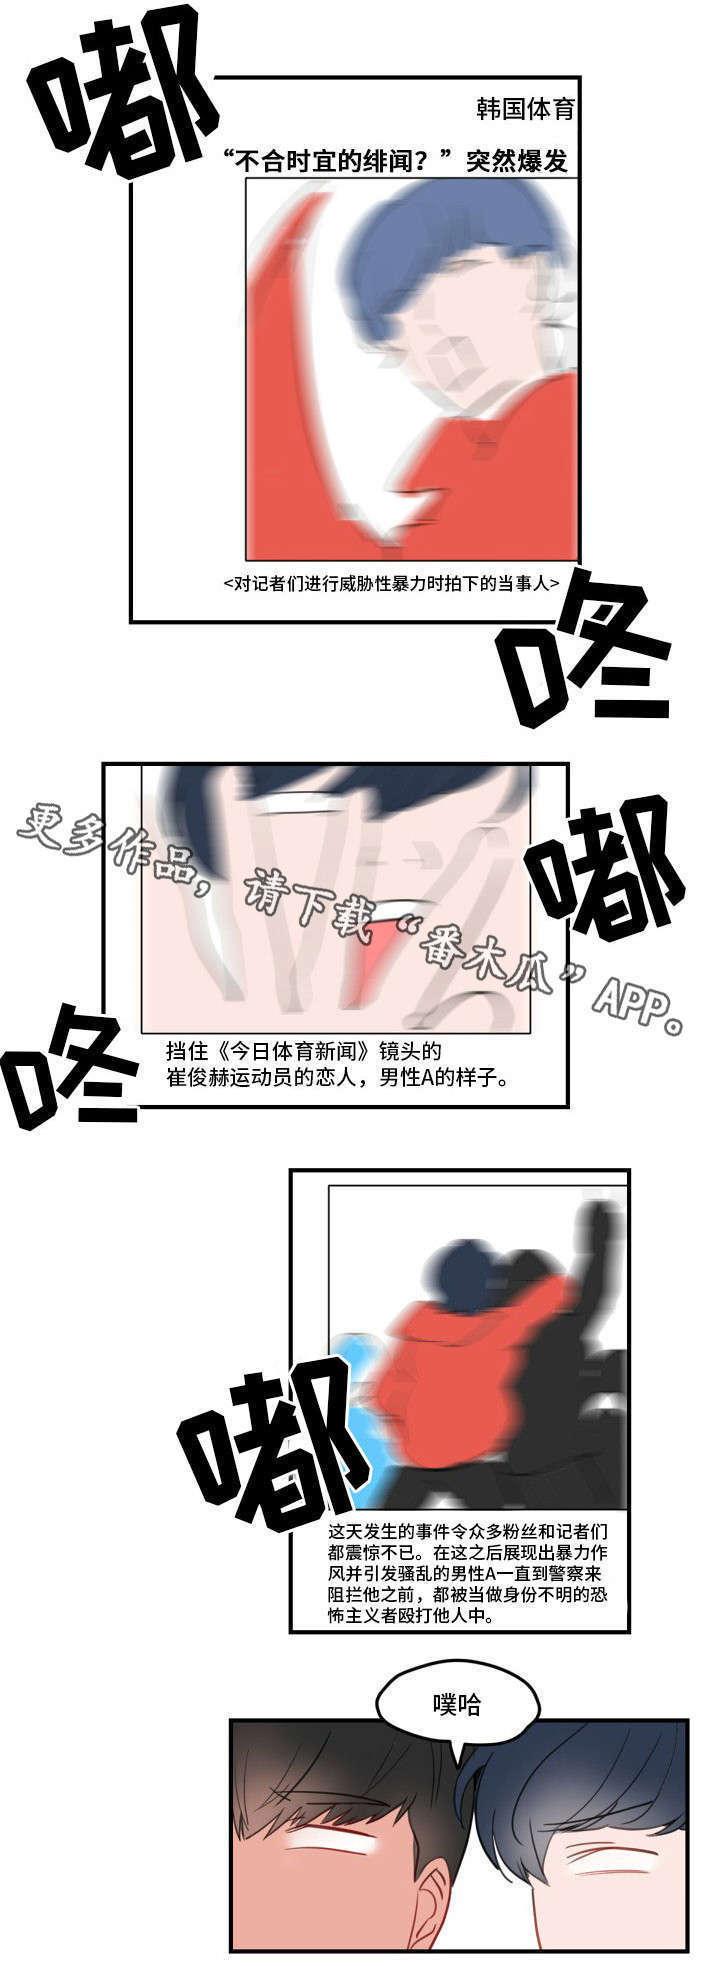 恋爱韩漫: 《焦点选手》 第13-15话-天狐阅读